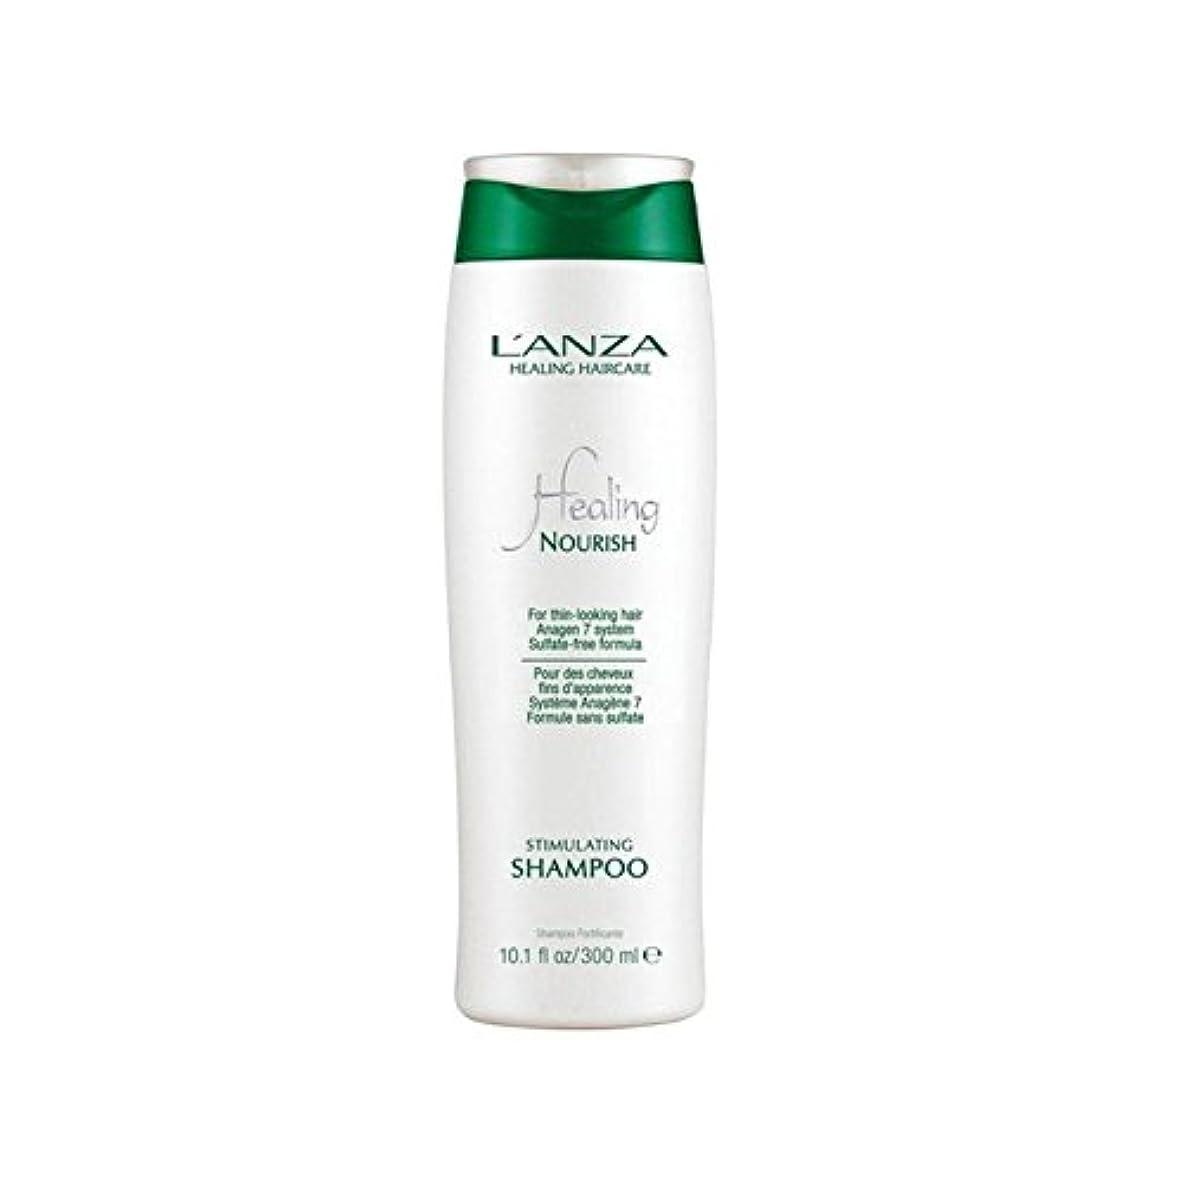 過ち露骨な歌詞アンザ治癒はシャンプーを刺激養う(300ミリリットル) x2 - L'Anza Healing Nourish Stimulating Shampoo (300ml) (Pack of 2) [並行輸入品]